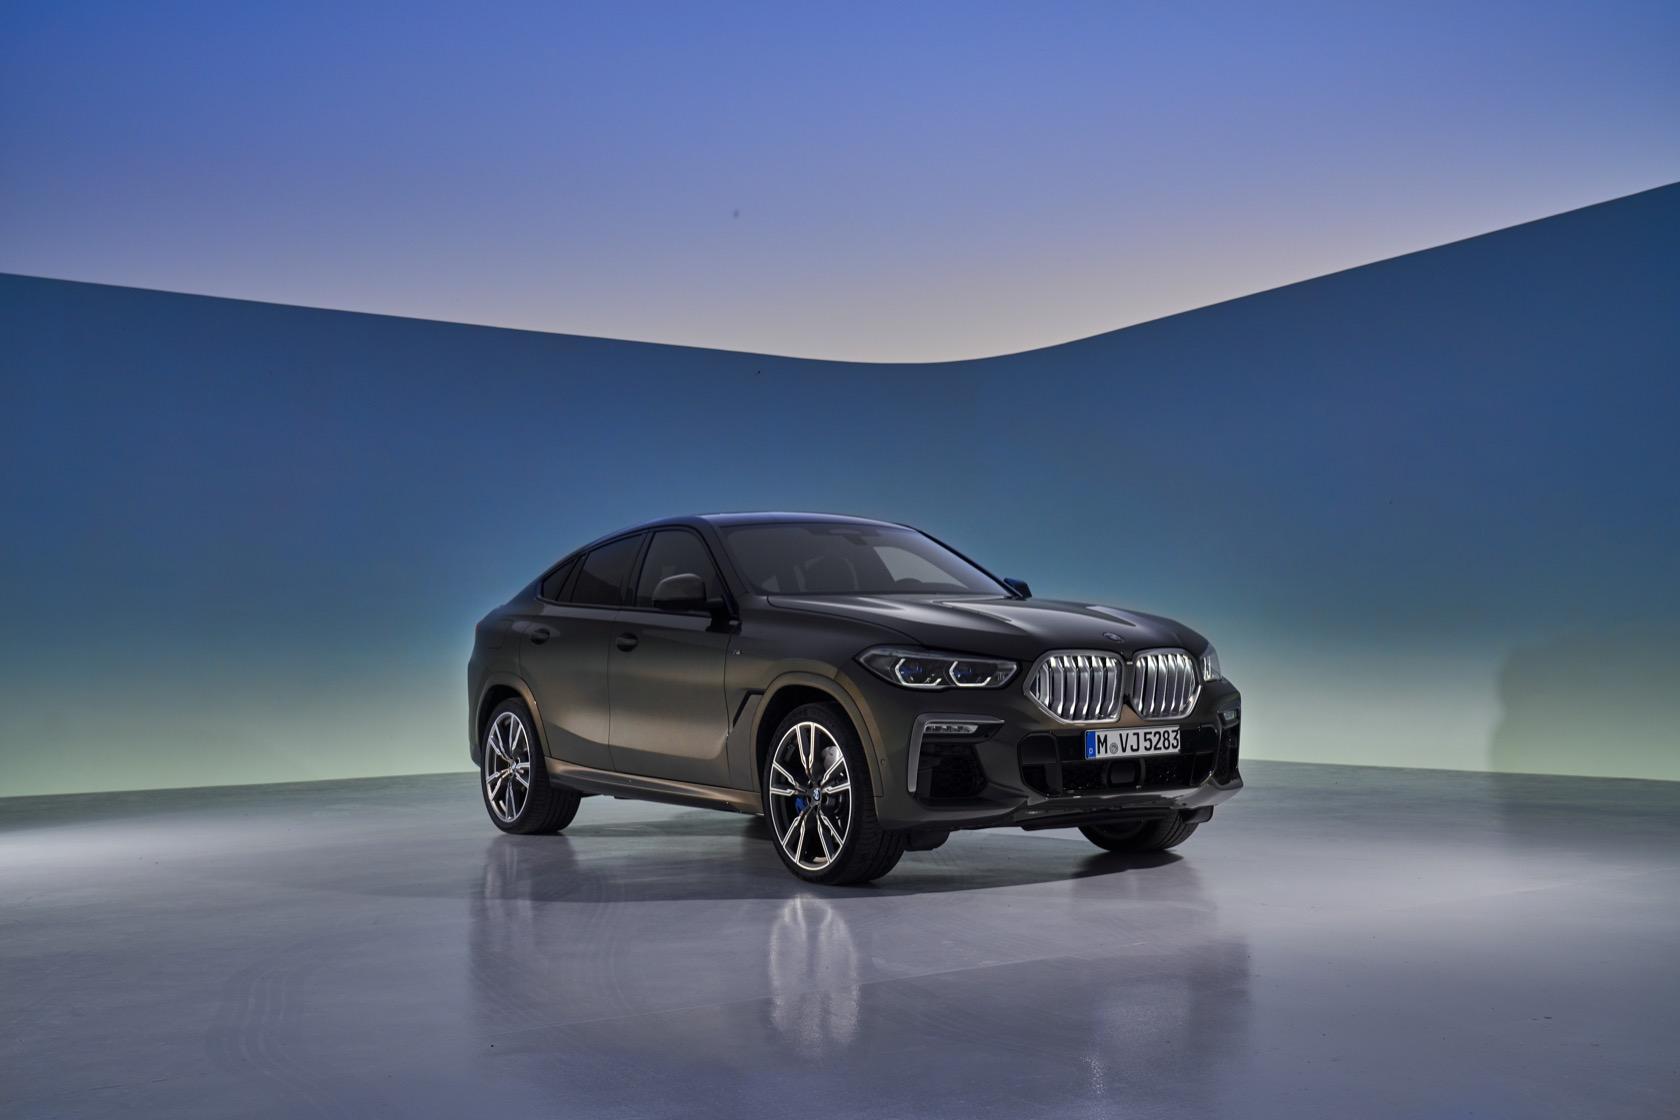 All Wheel Drive Cars List >> 2020 BMW X6 Gallery - SlashGear